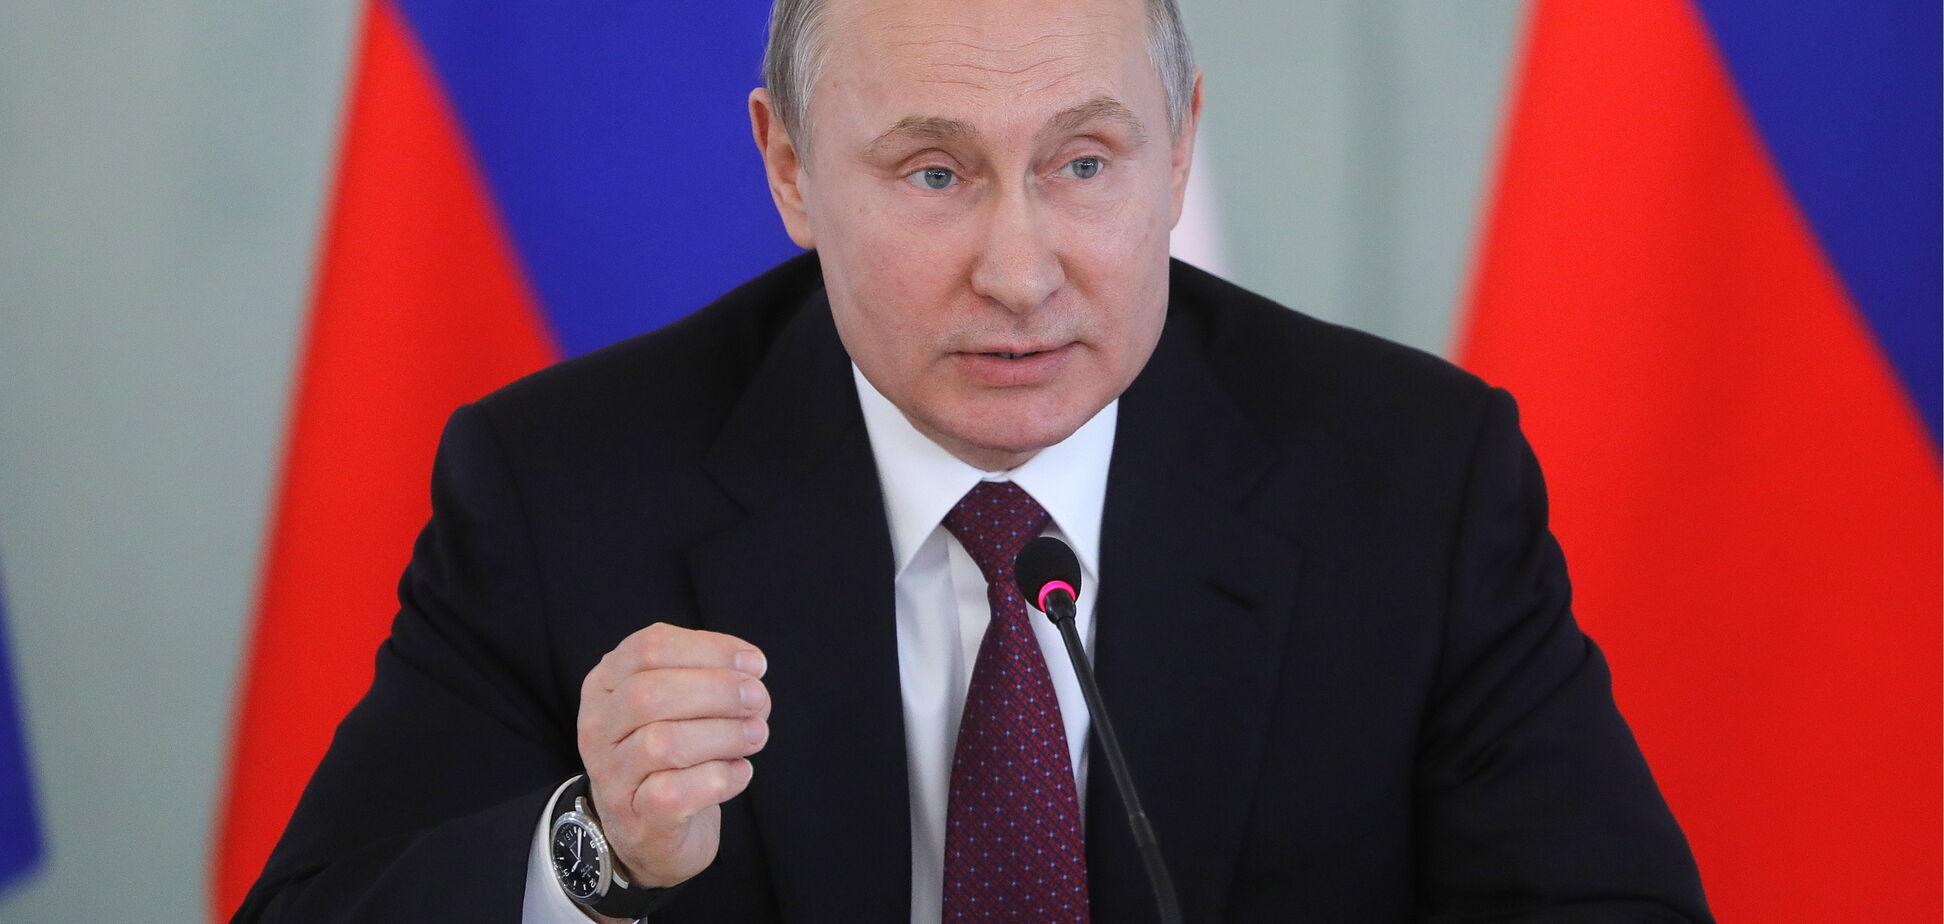 'Гопником и остался!' Действия Путина в отношении россиян высмеяли в сети